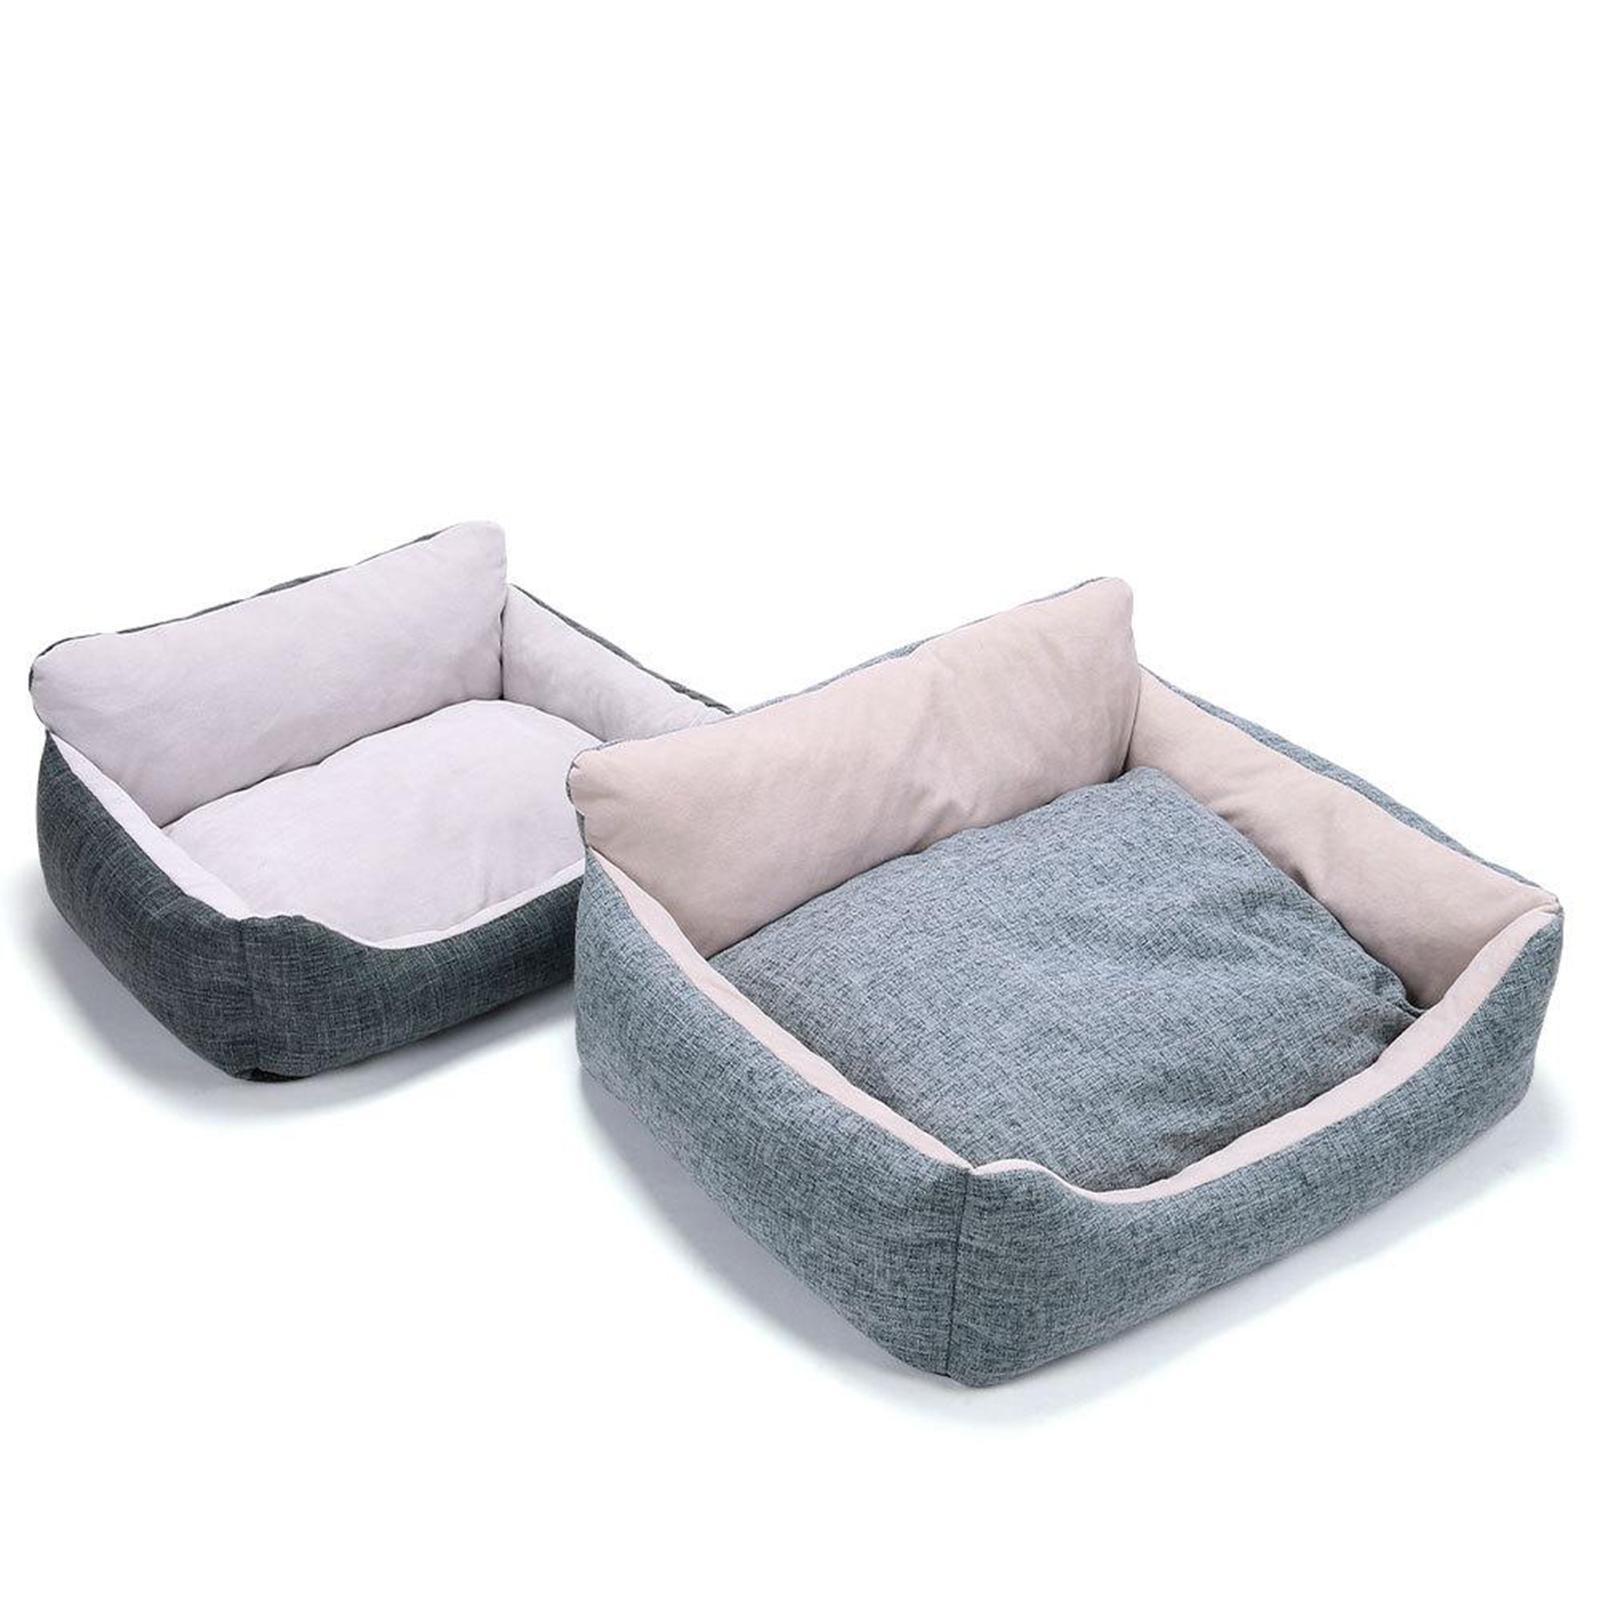 miniature 49 - Chien pour animaux de compagnie, lit de chat doux et lit en peluche chennel